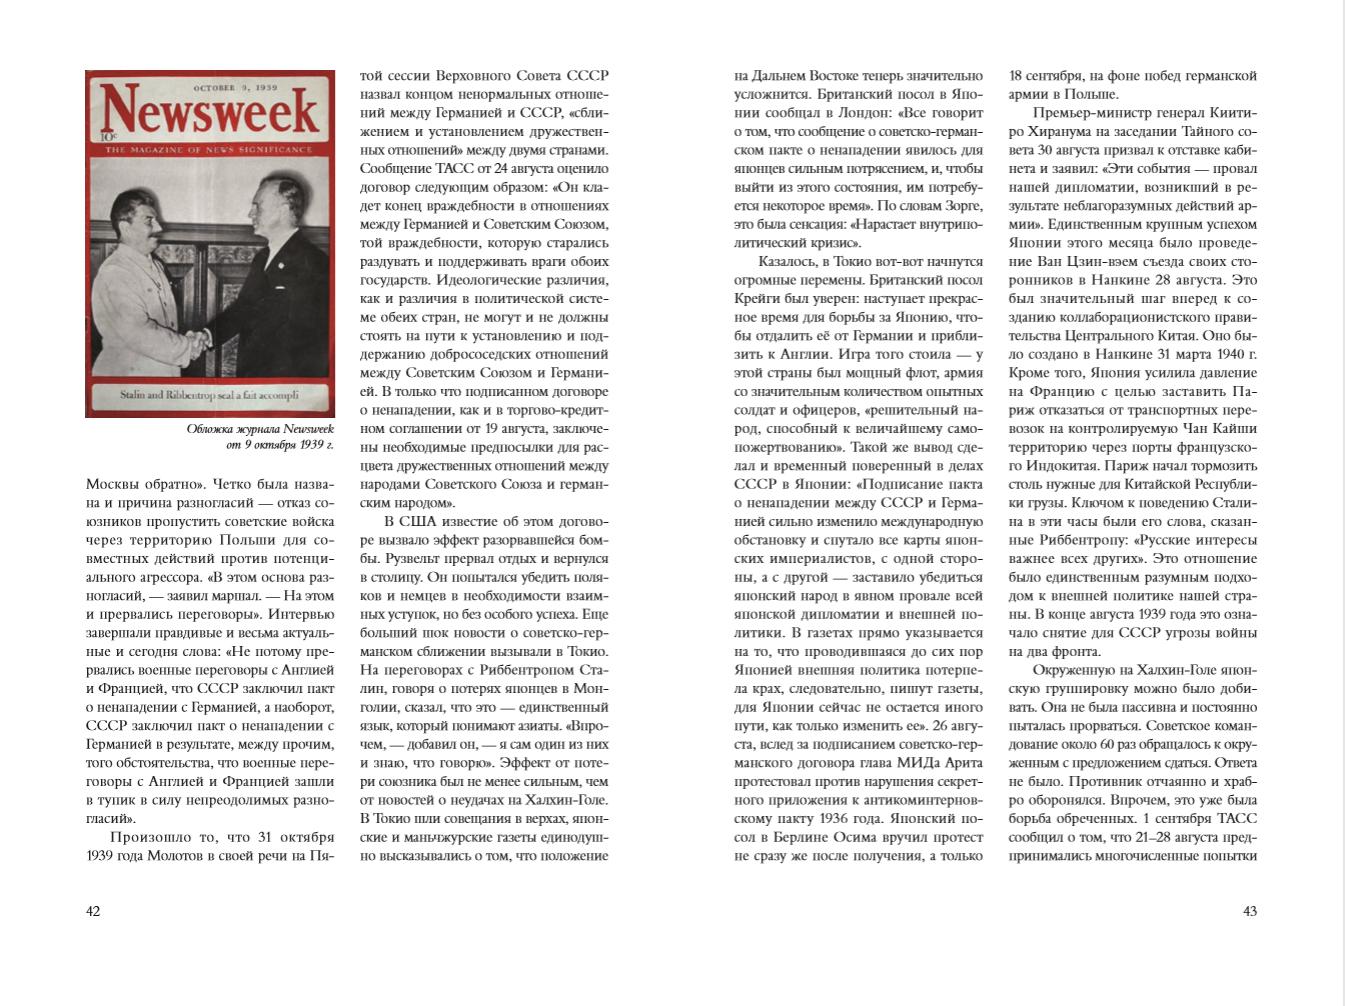 20200707_16-26-Новая книга ИА REGNUM- о пакте Молотова - Риббентропа-pic15